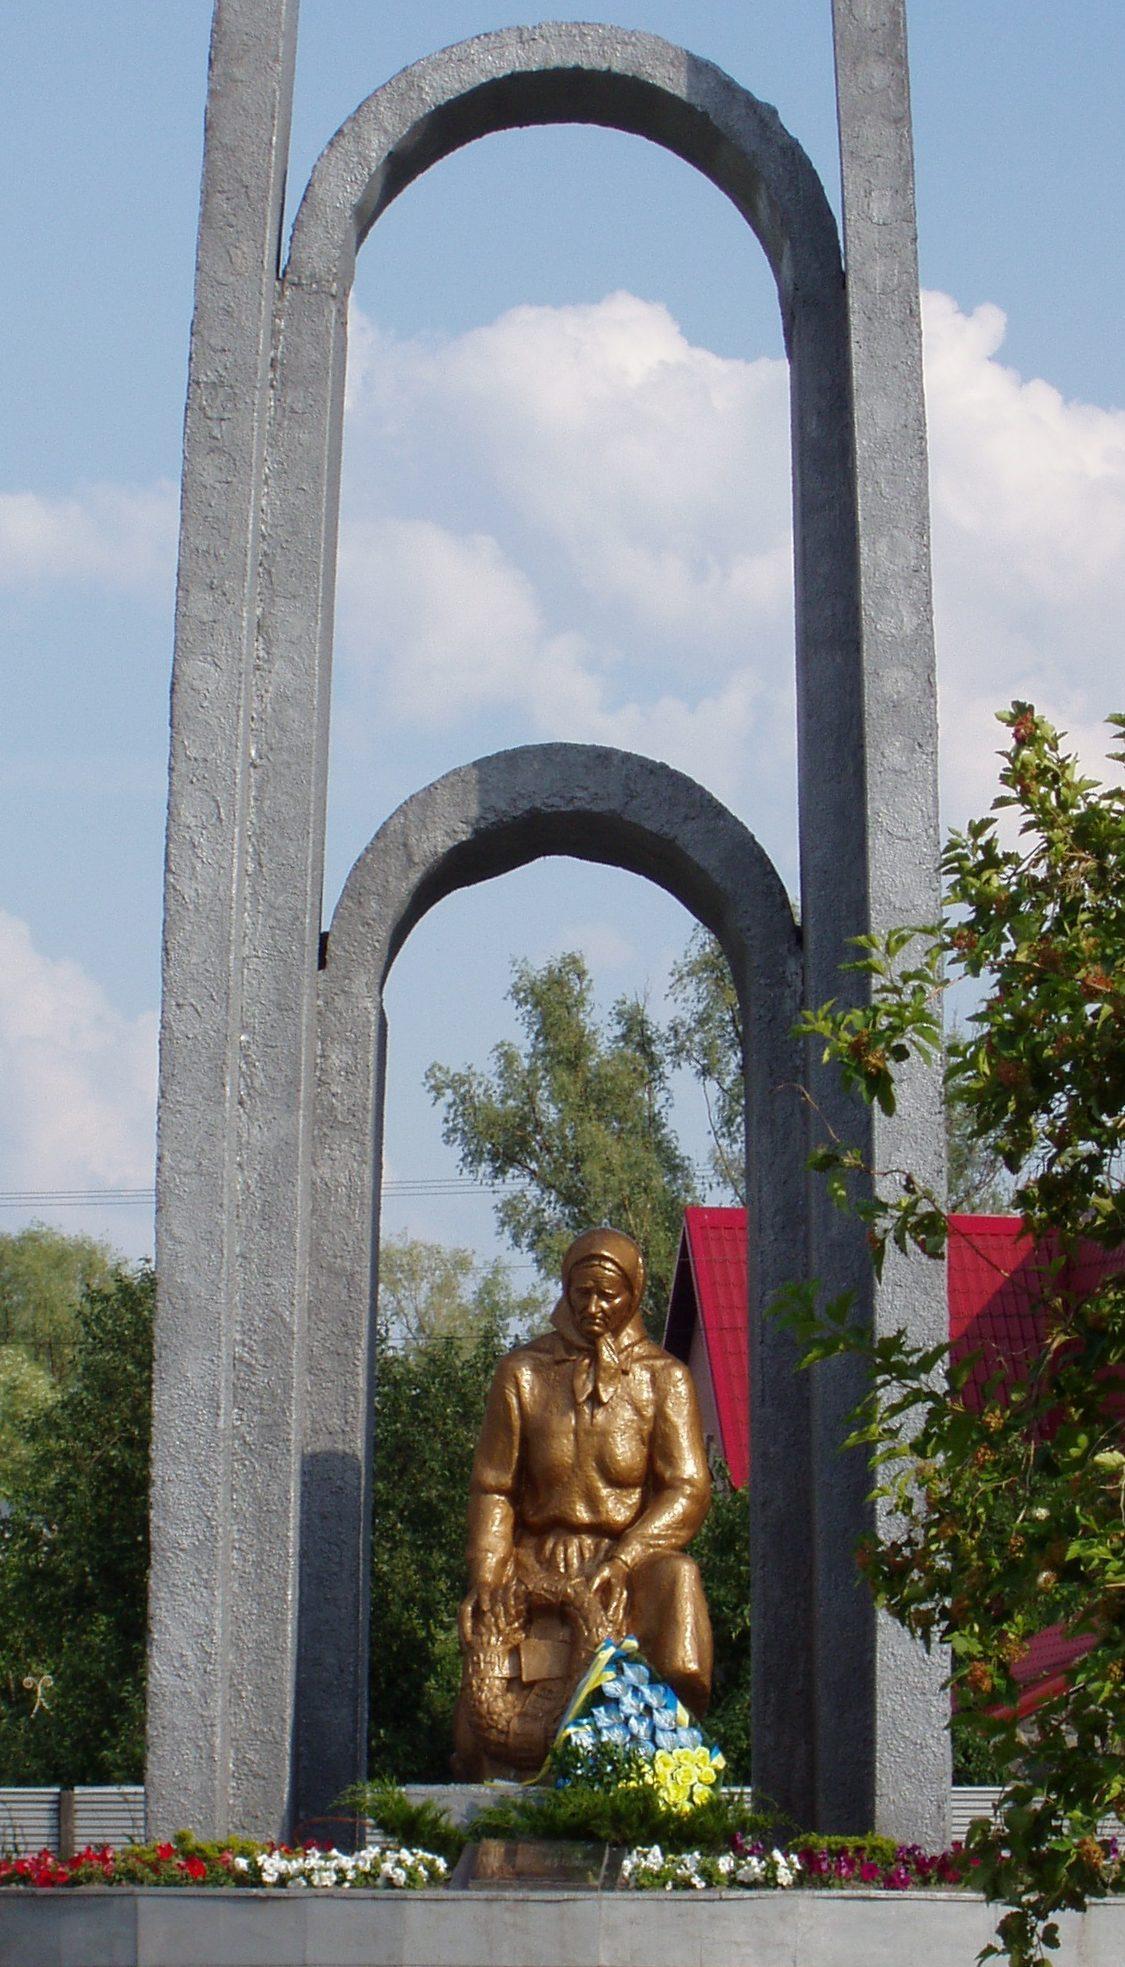 с. Вишенки Бориспольского р-на. Памятник воинам-односельчанам, погибшим в годы войны, был установлен в 1957 году.